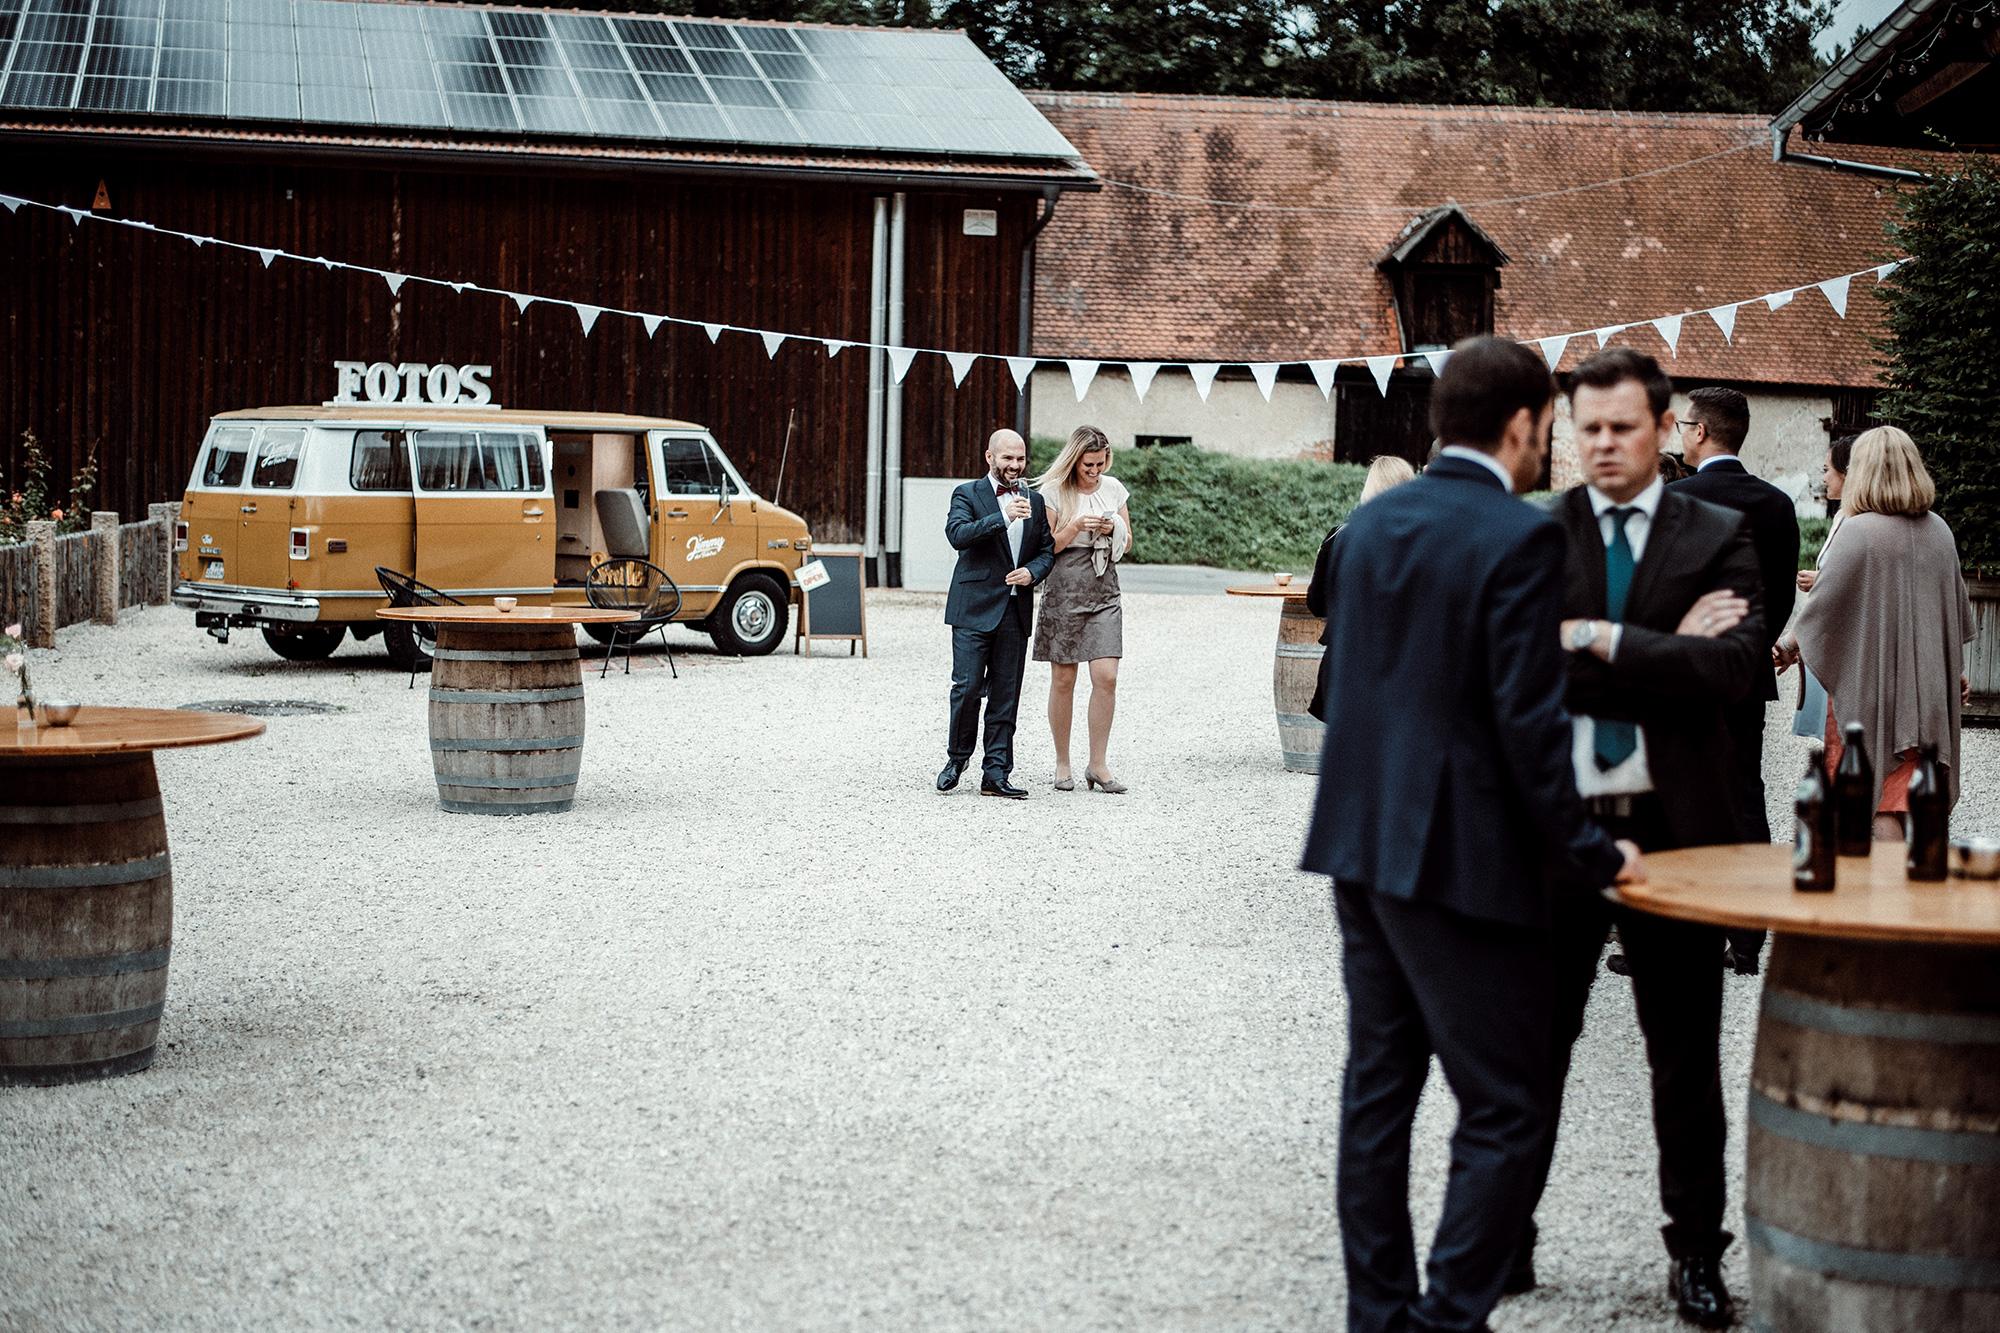 Fotobus-Jimmy-Fotobulli–Hochzeit-Fotobooth-Fotobox-V12.jpg